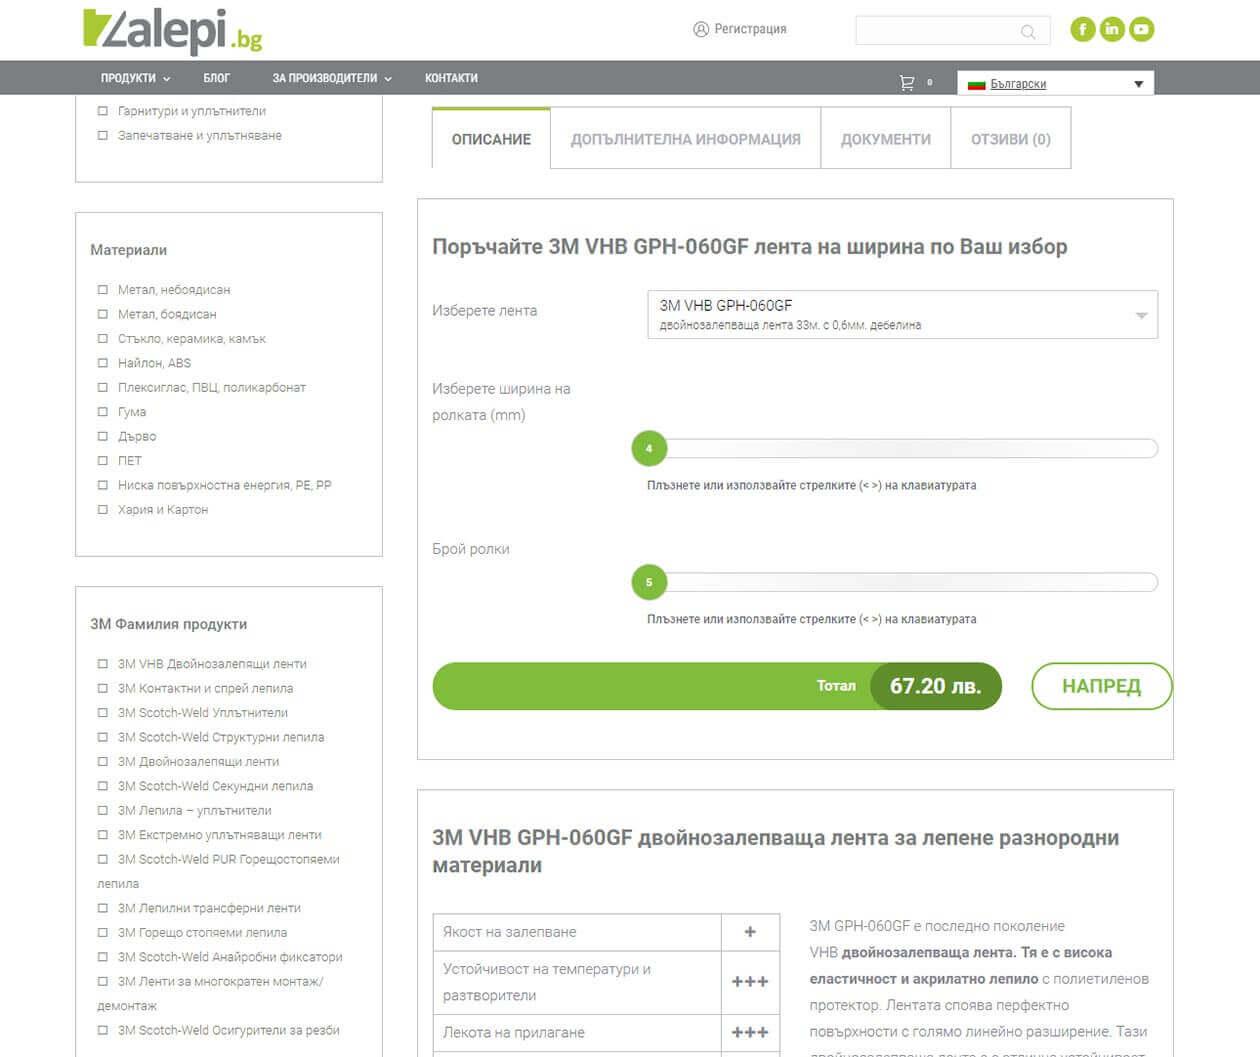 Интегриране на Онлайн Калкулатор за двойнолепящи ленти